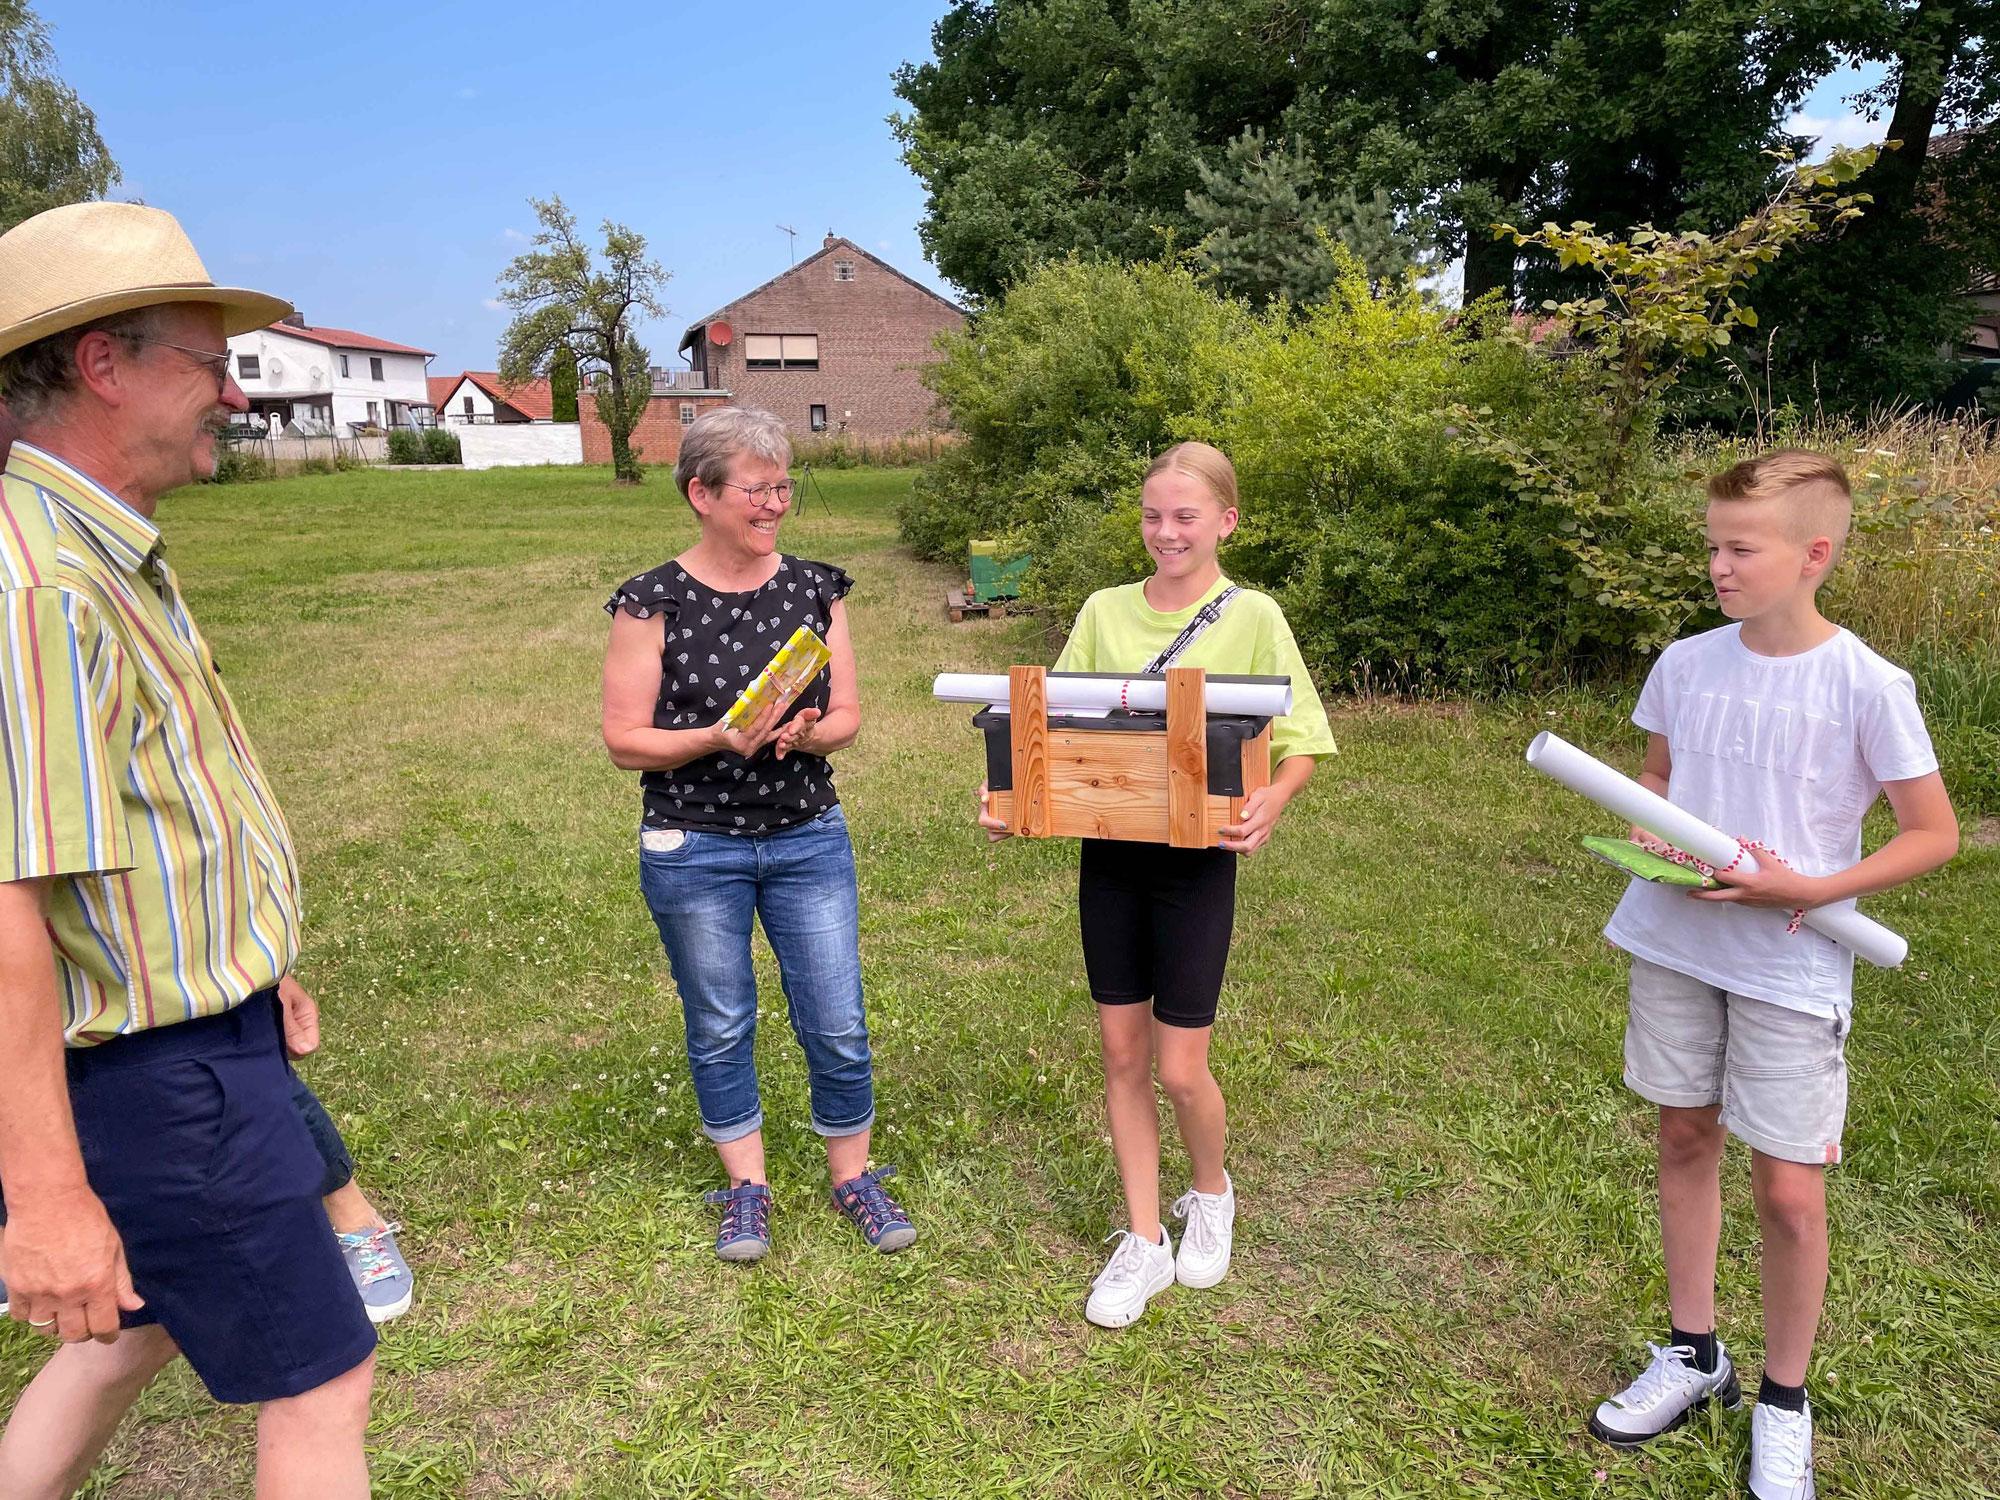 Jule Lenz ist Siegerin beim Umweltquiz des Fördervereins